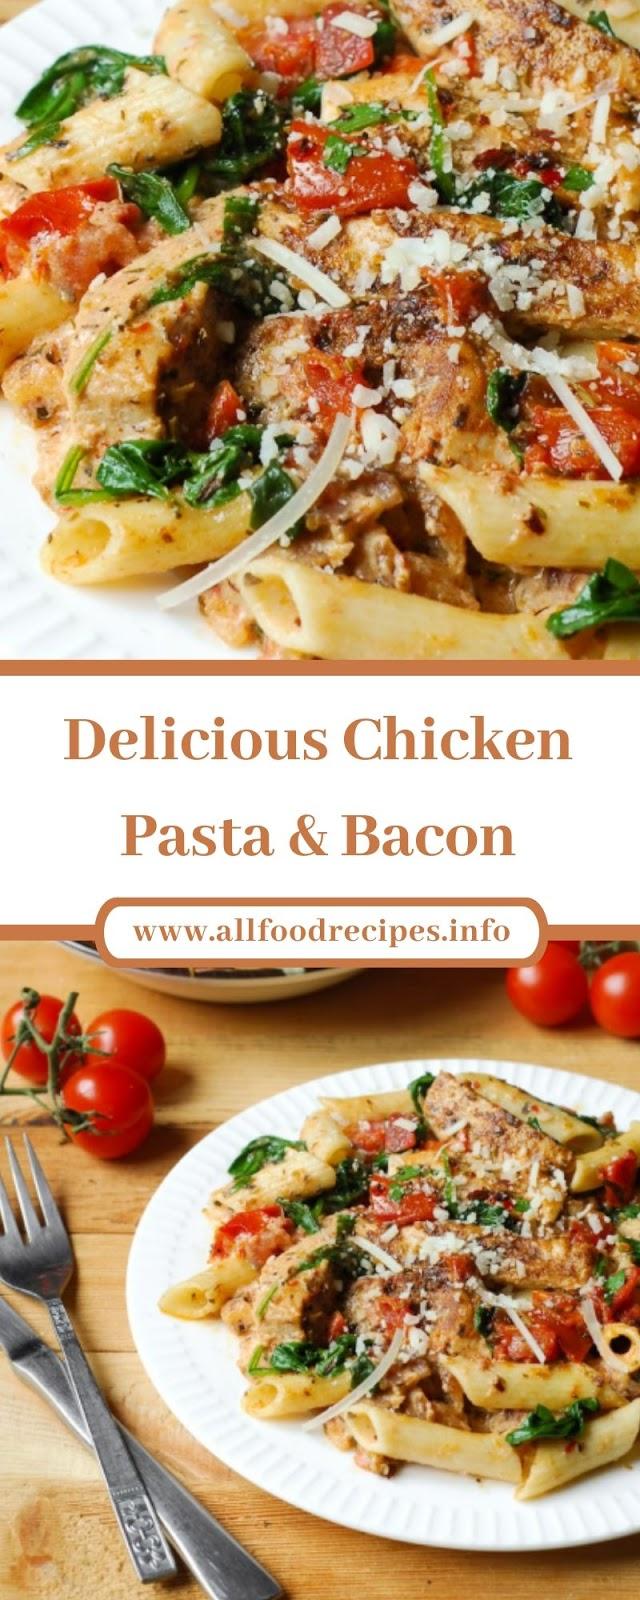 Delicious Chicken Pasta & Bacon